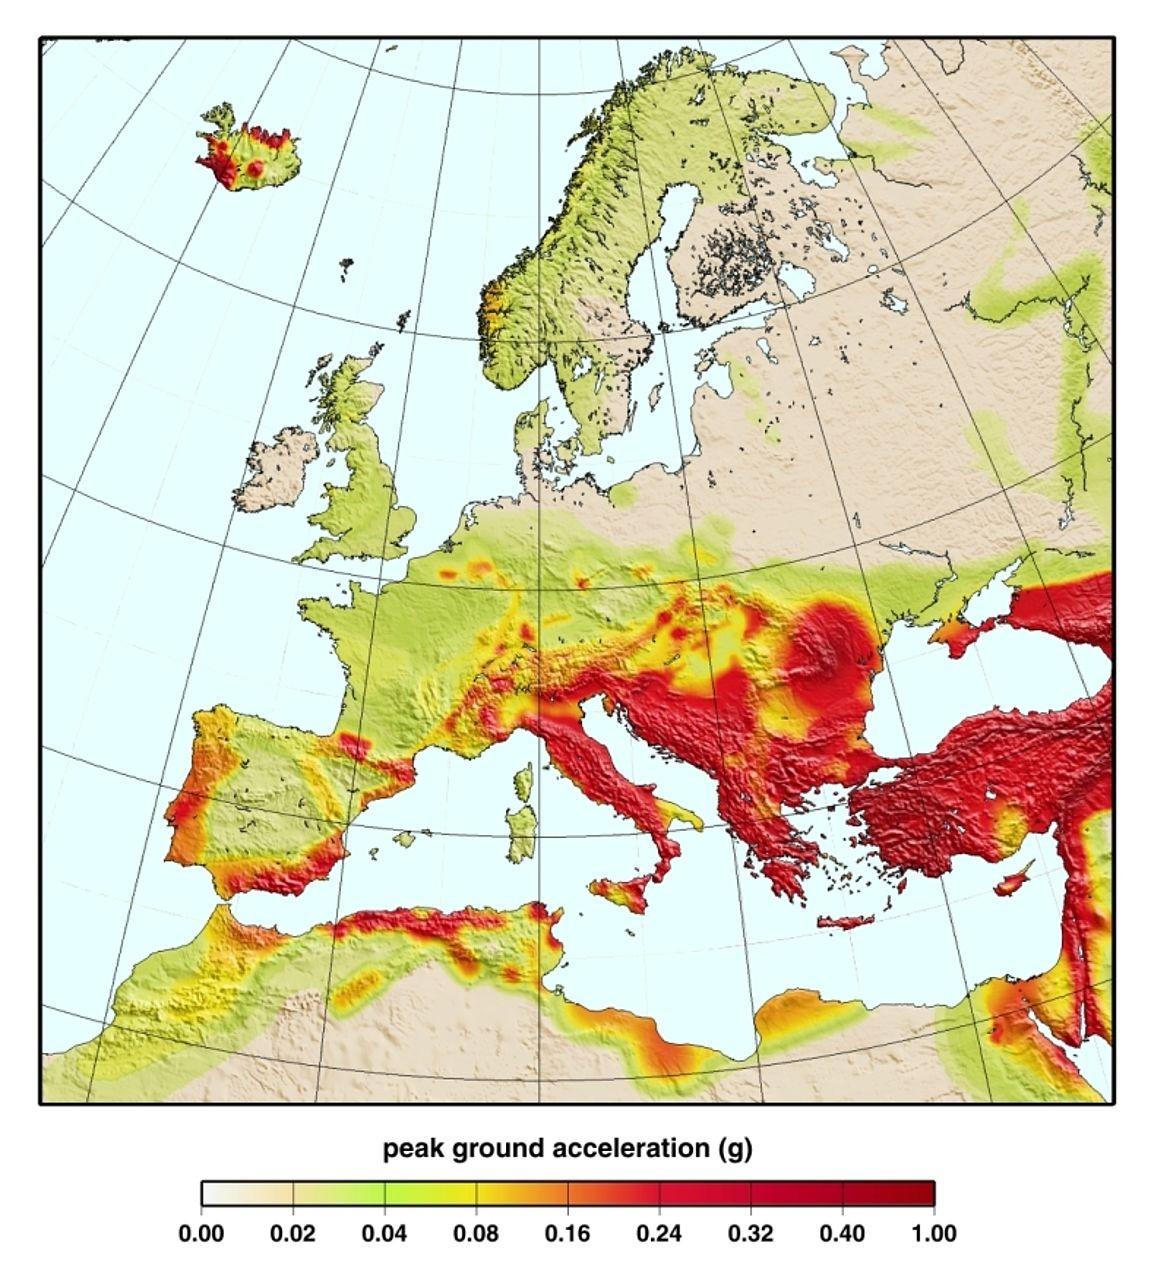 Ευρωπαϊκός-μεσογειακός χάρτης σεισμικών κινδύνων. Πηγή: Global Seismic Hazard Map Online Service https://www.gfz-potsdam.de/en/GSHAP/